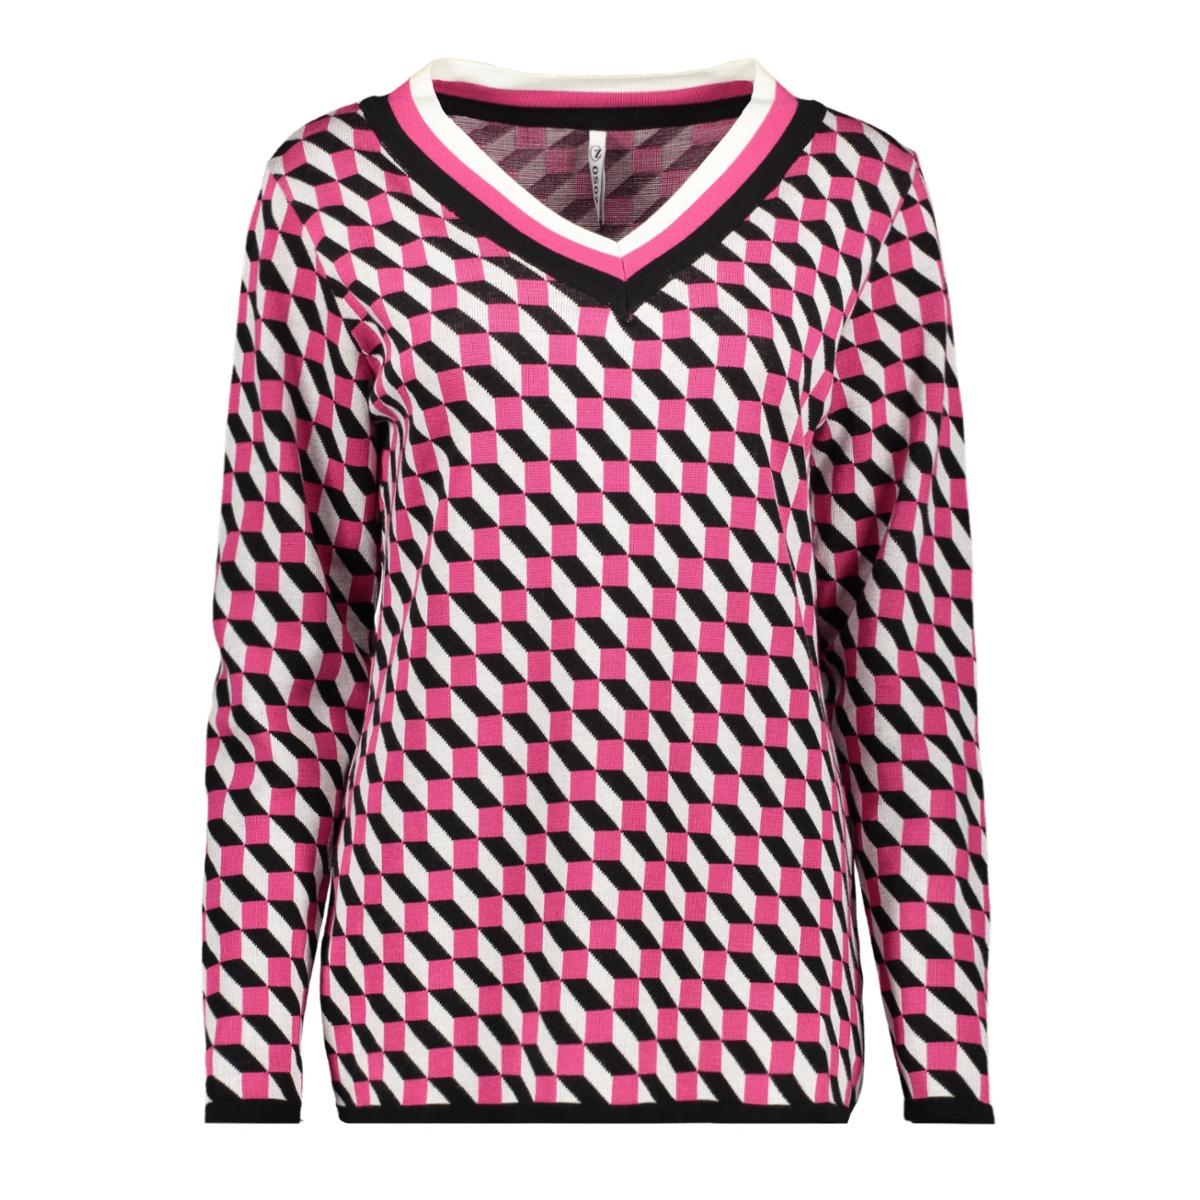 kentra multicolour sweater 194 zoso trui black/fuchsia